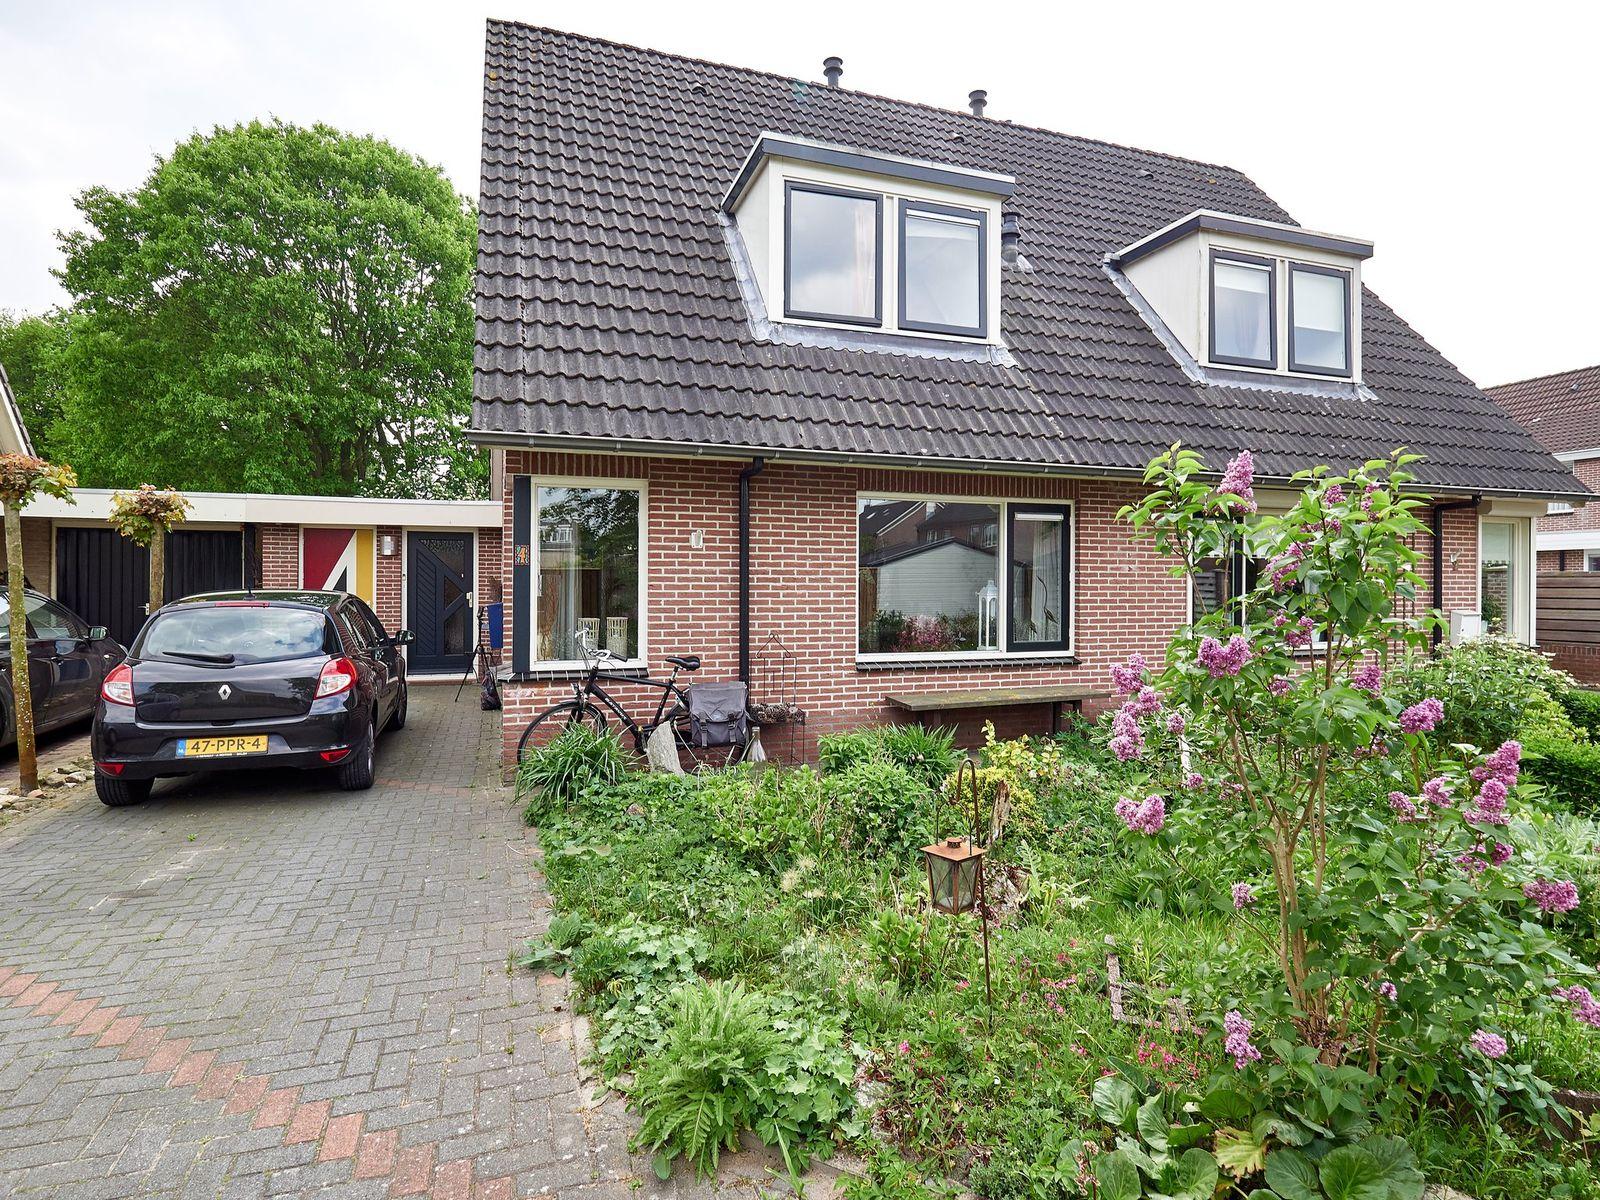 Esdoorn 4, Coevorden